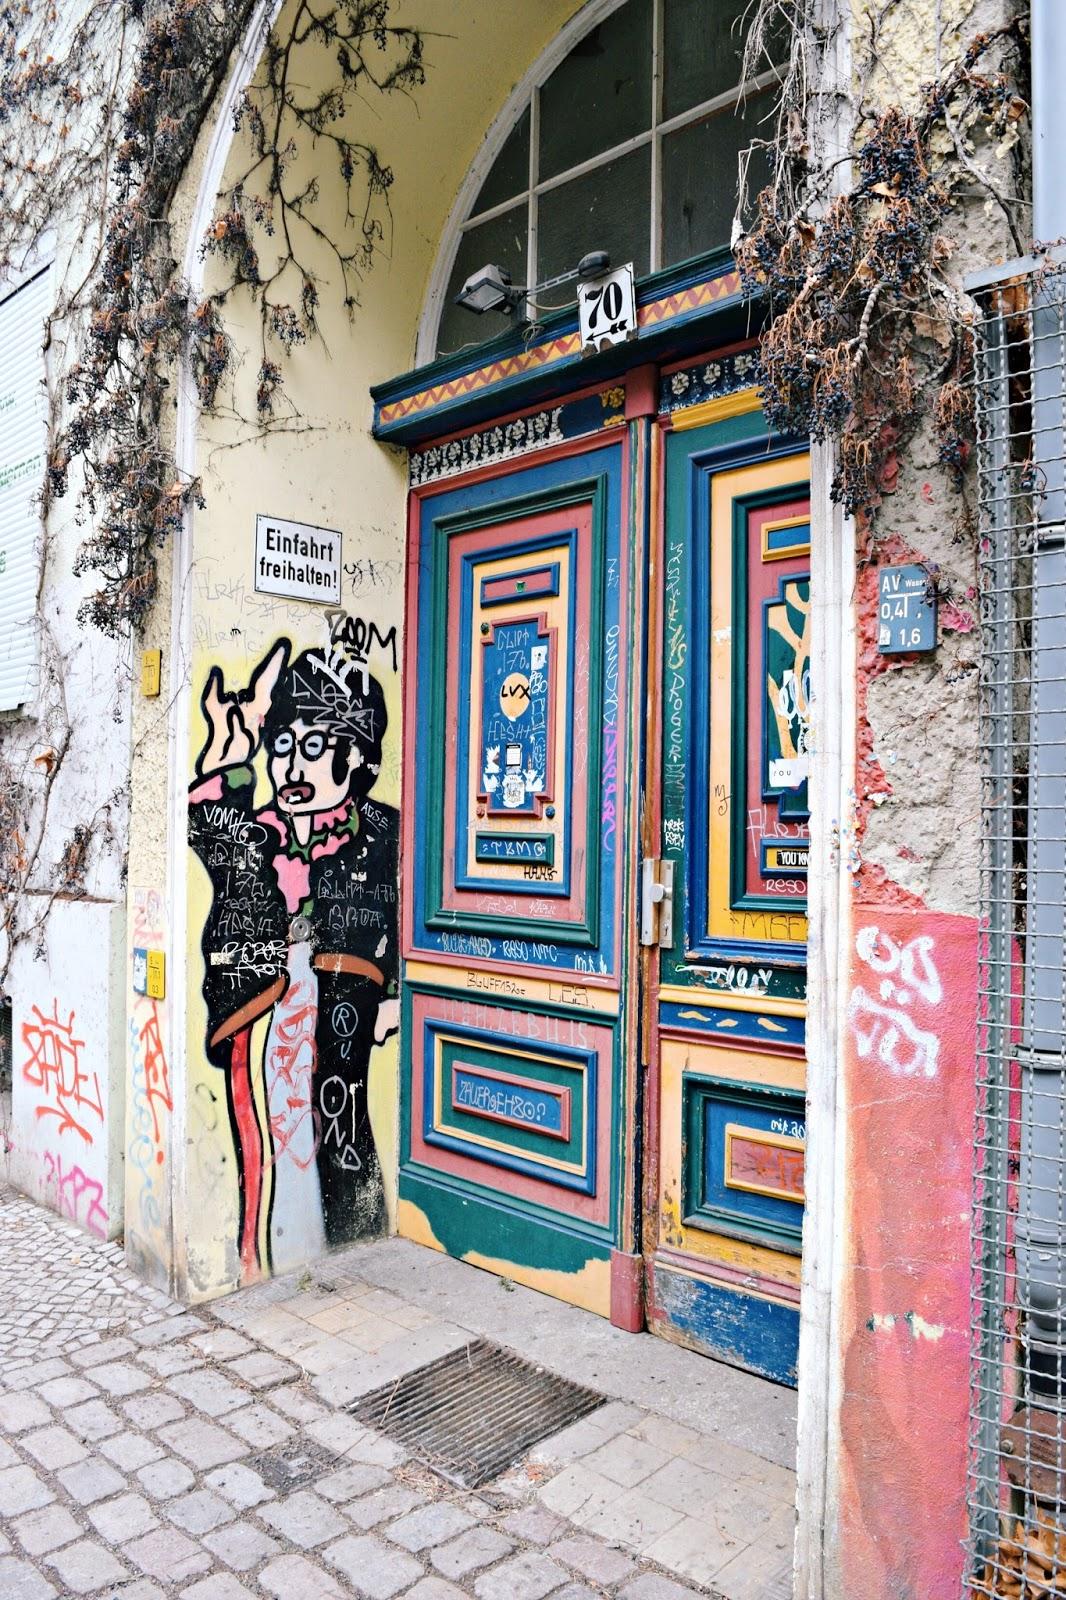 24 hours in berlin street art